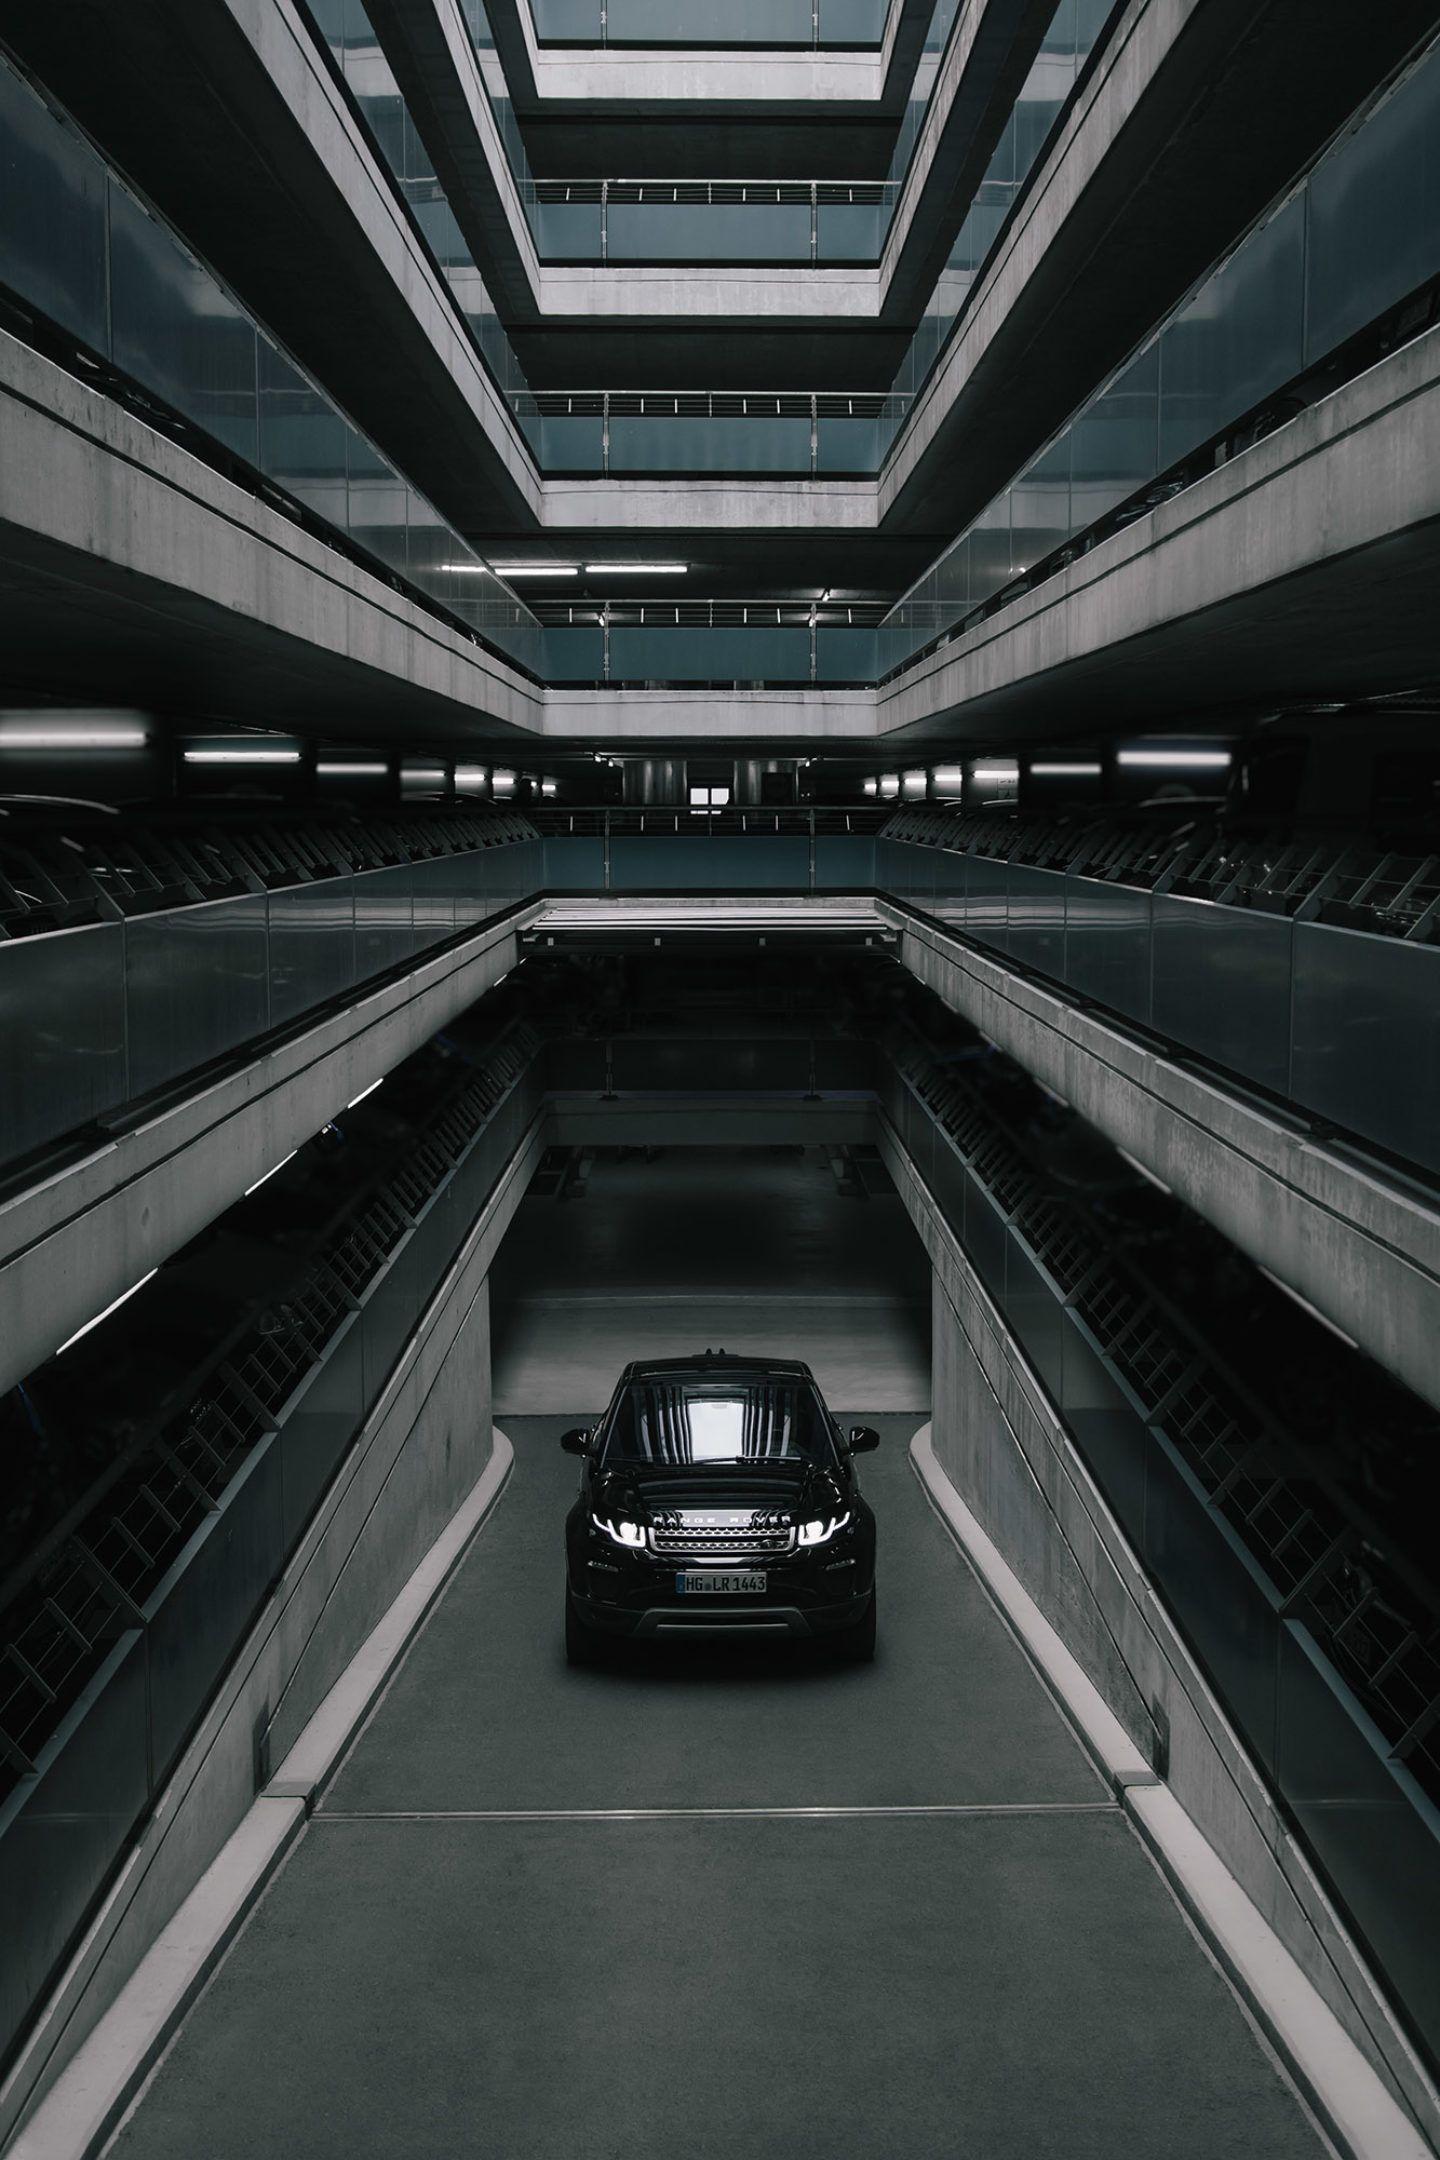 Range-Rover-Evoque-IGNANT-Alejandro-Arretureta-002